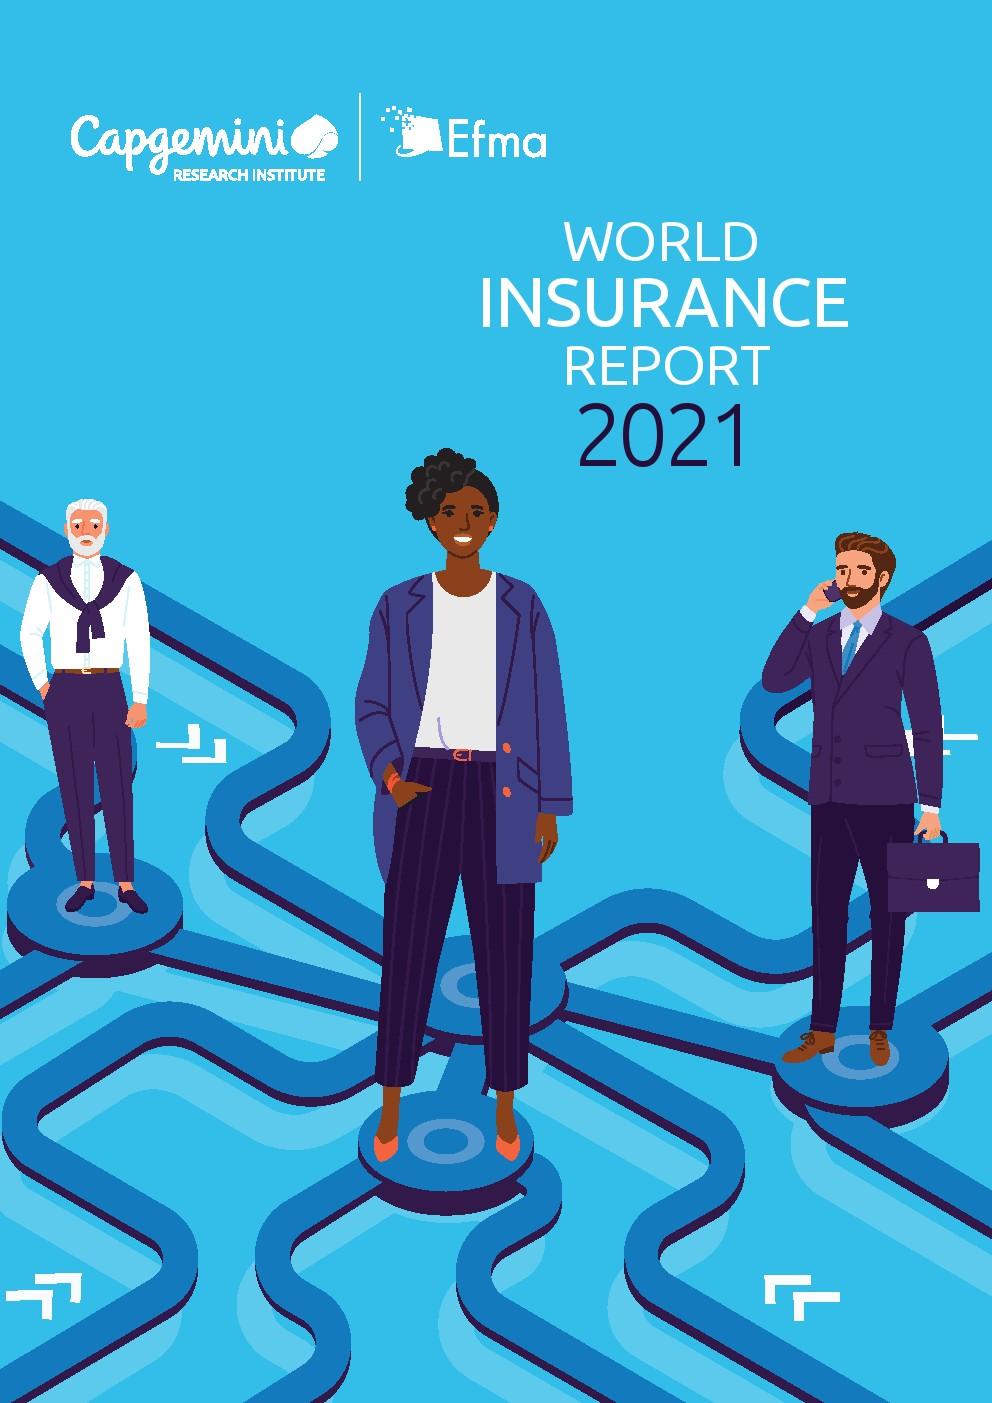 凯捷:2021年全球保险报告